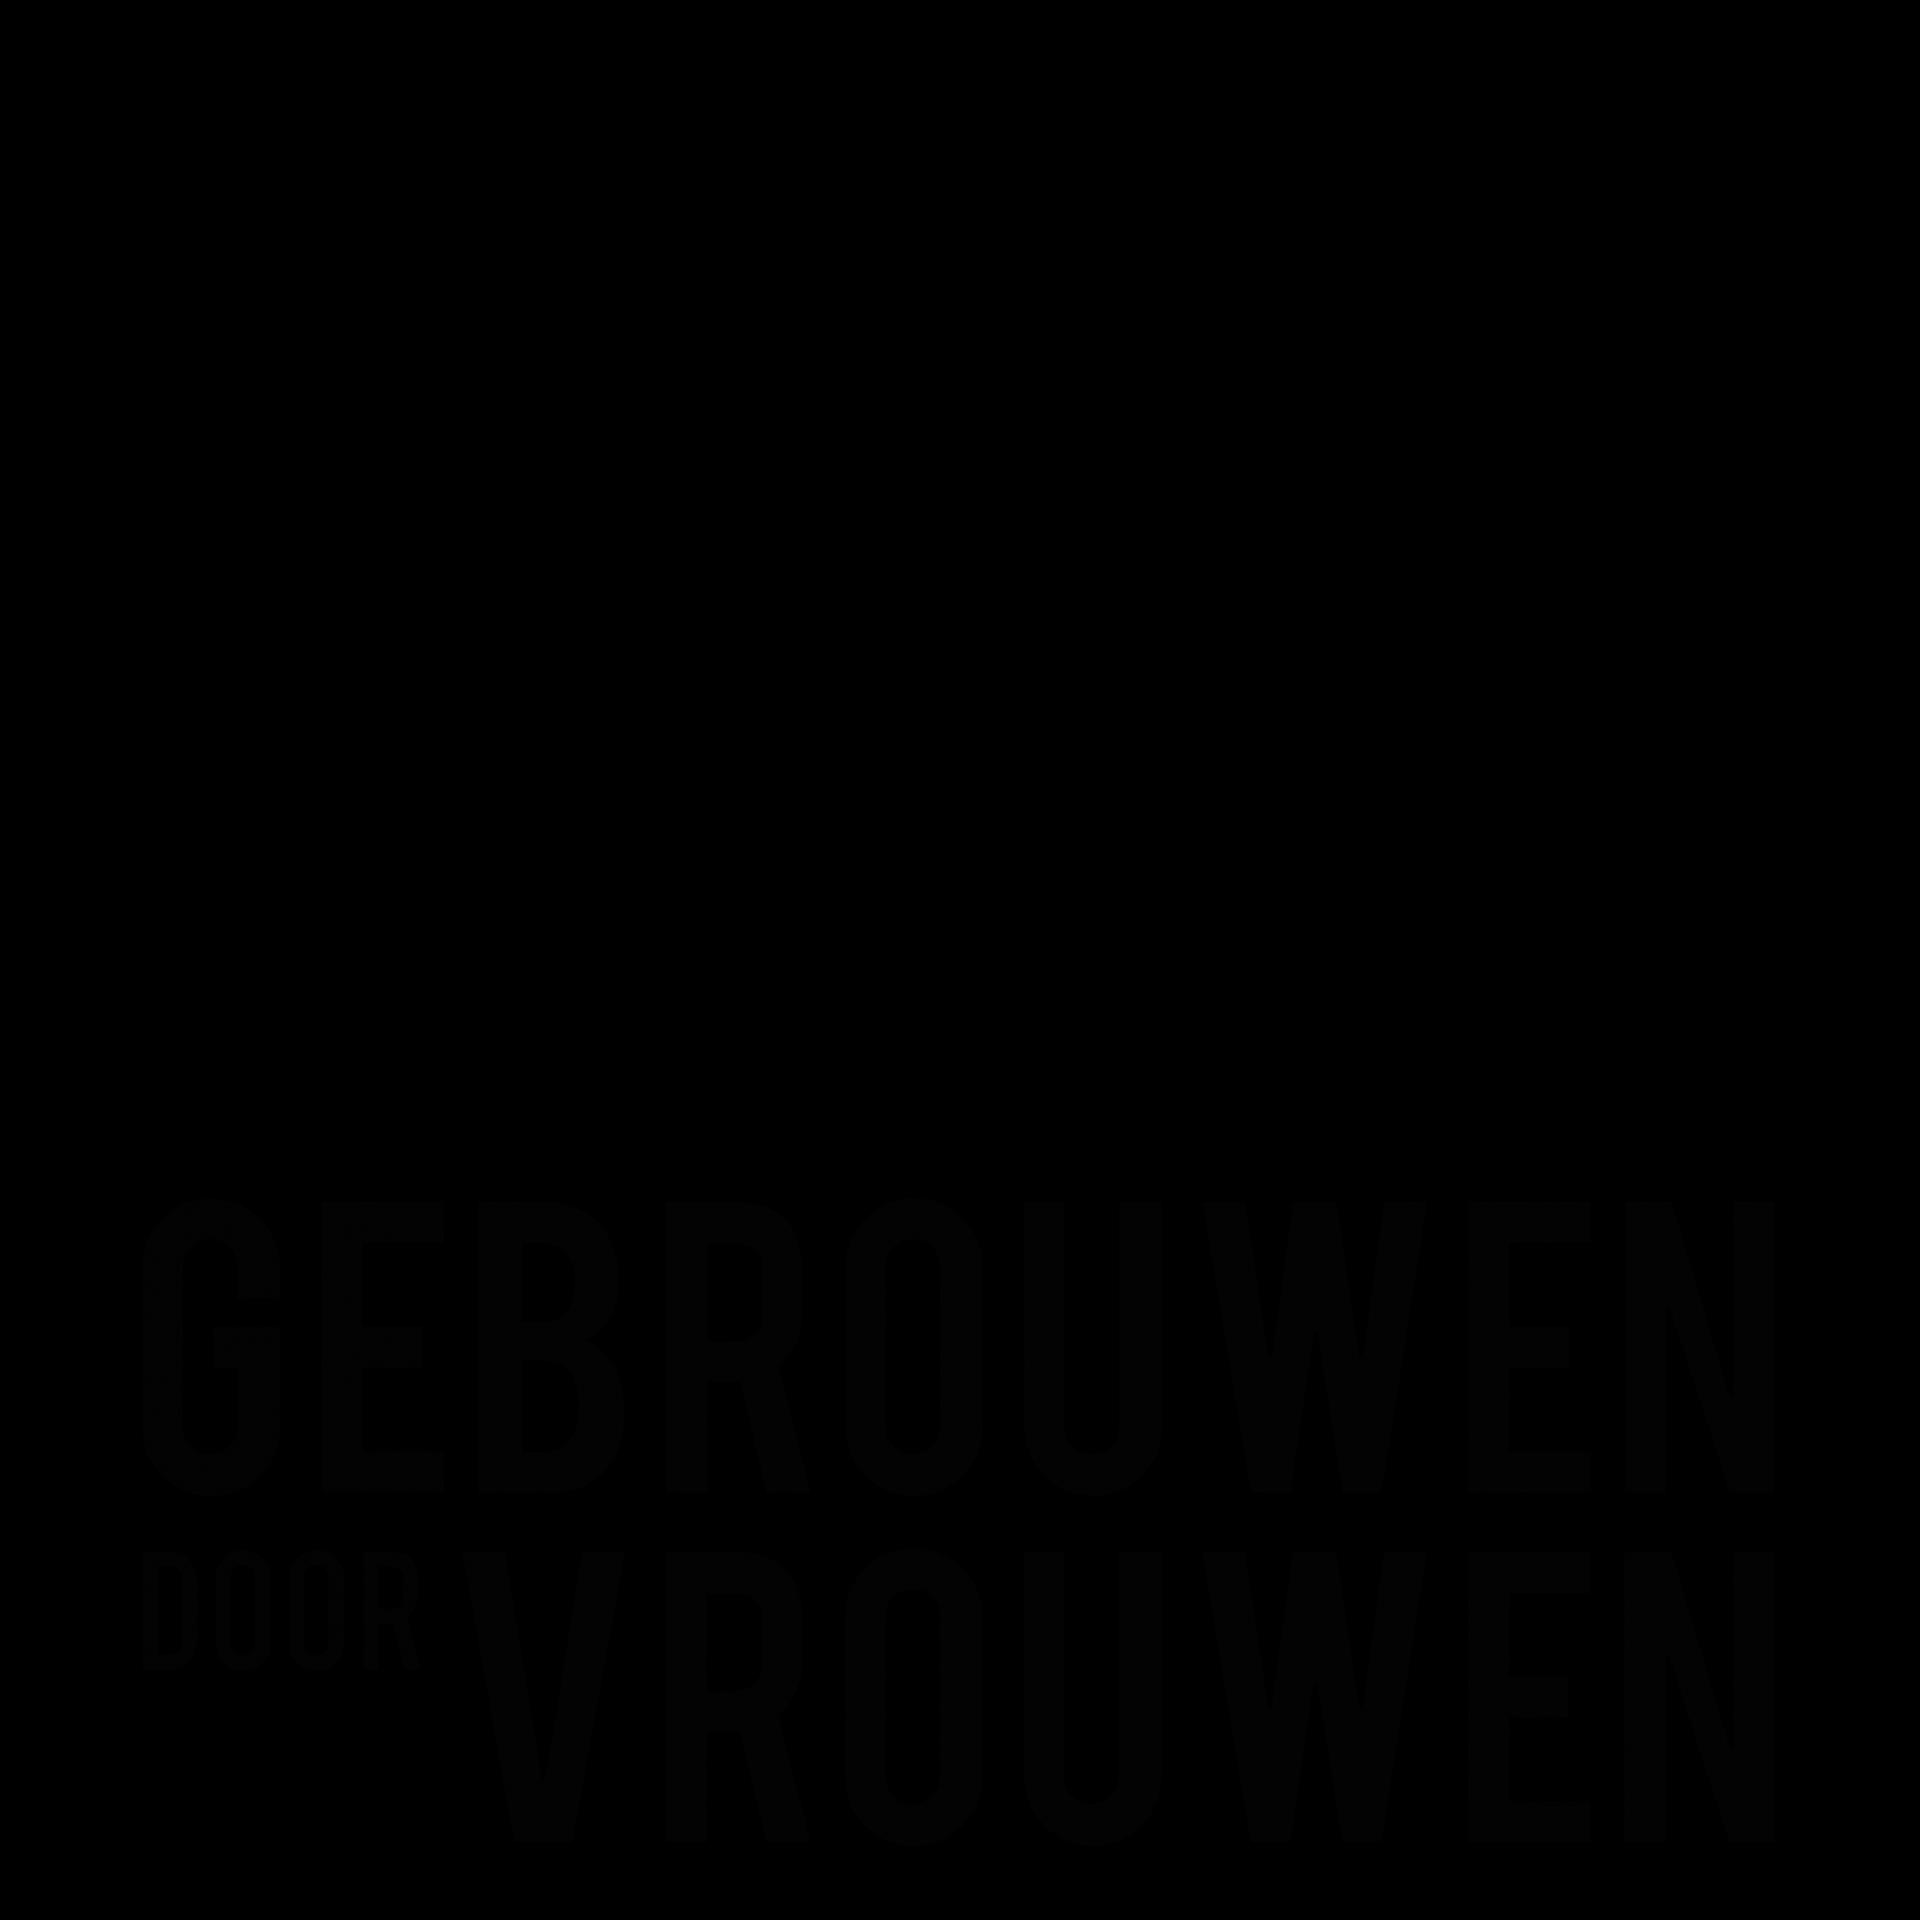 nectar-utrecht-pils-bier-brouwerij-nederland-streekbier-amsterdam-gebrouwendoorvrouwen-logo-01